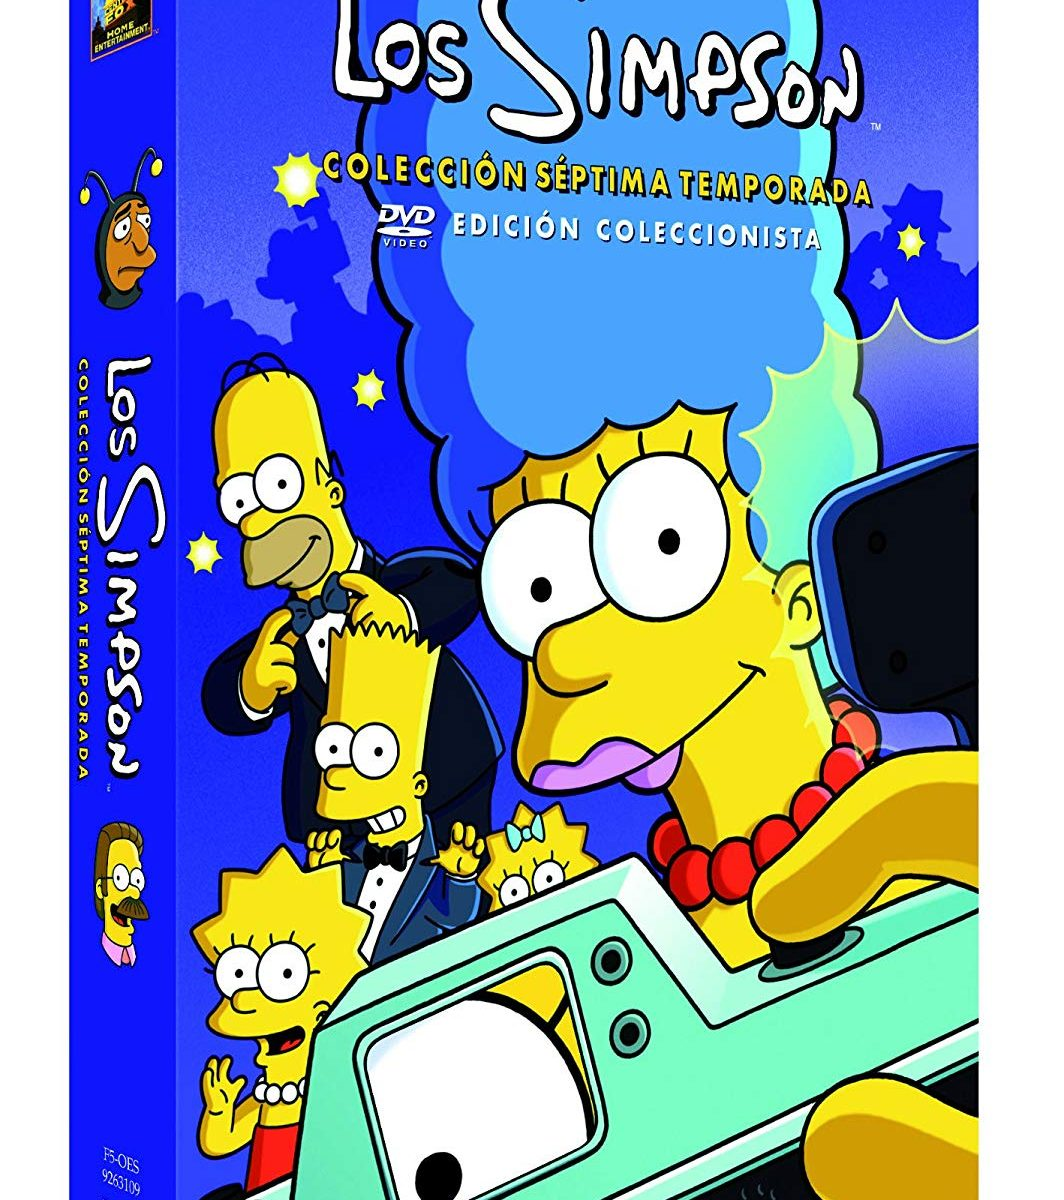 los simpsons temporada 7